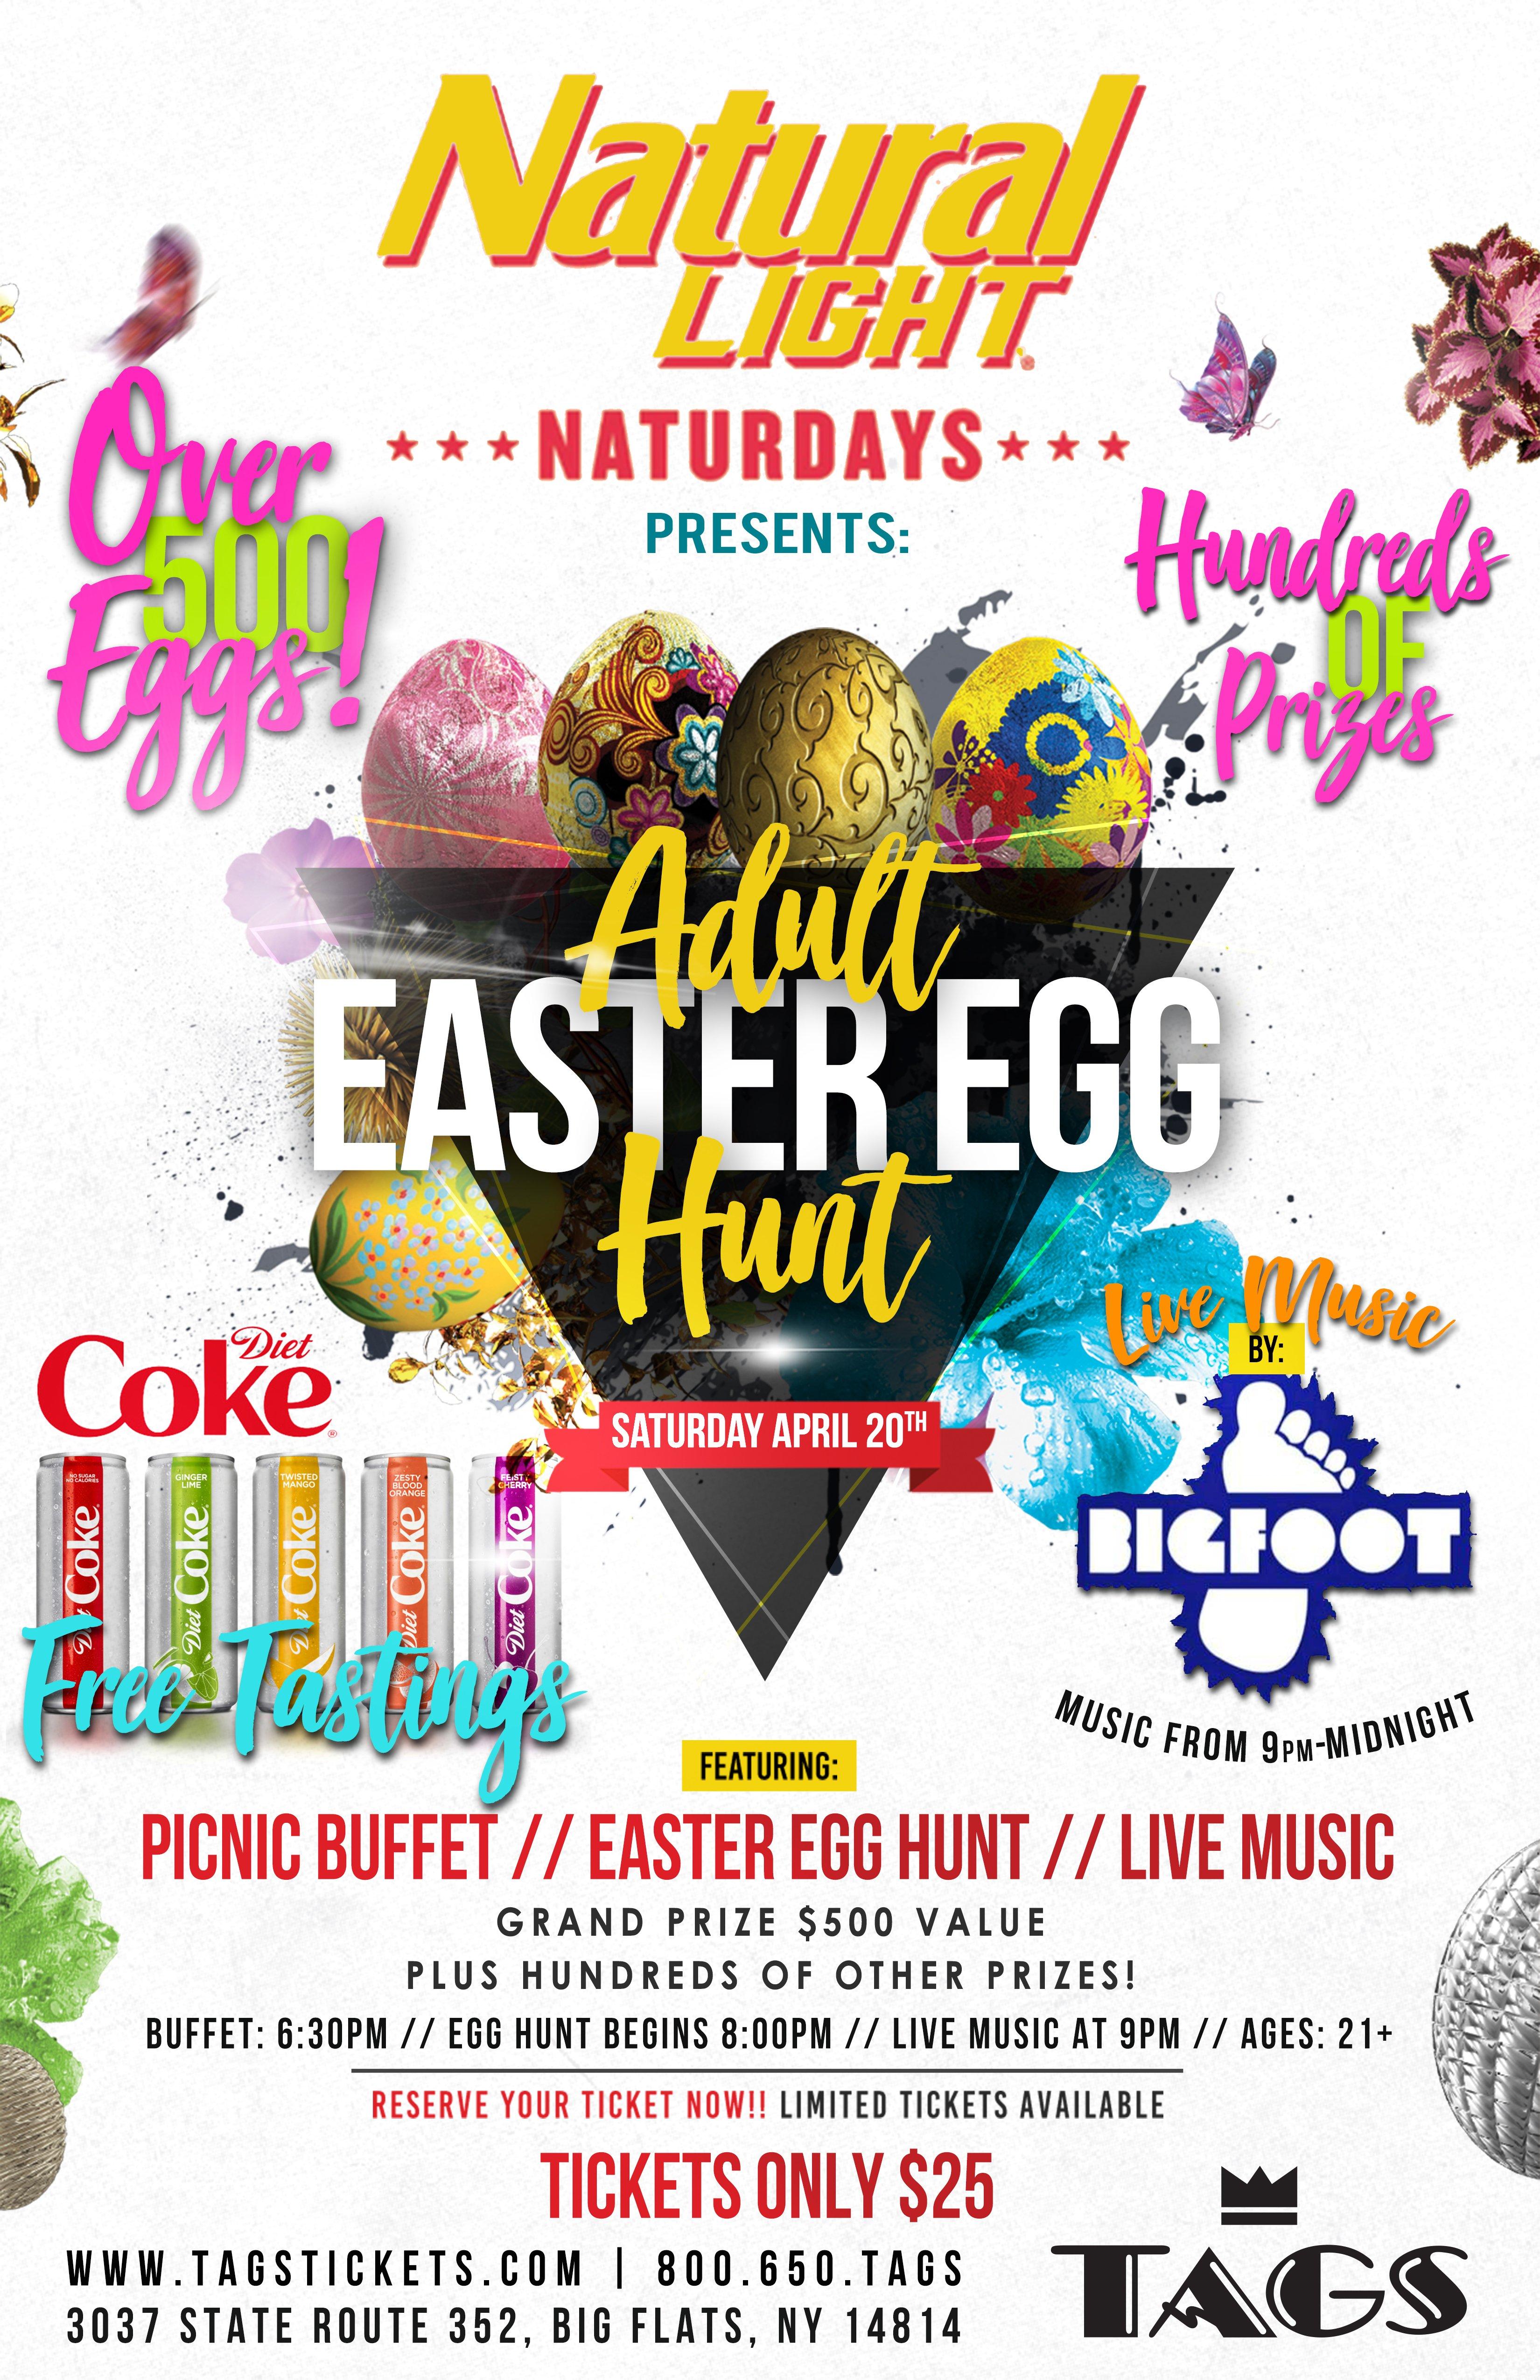 The Adult Easter Egg Hunt